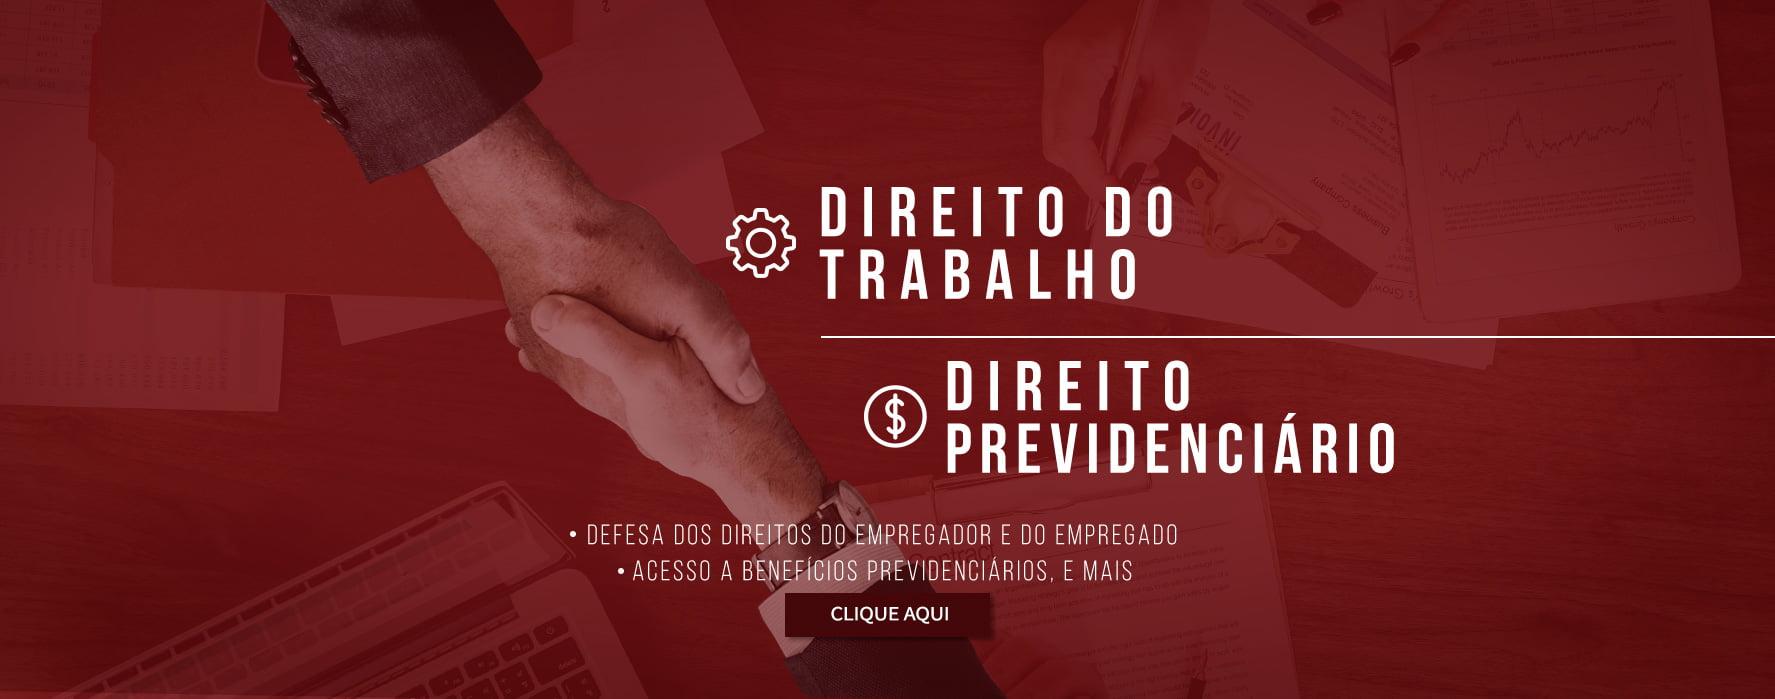 advogados Guarapuava - direito do trabalho e direito previdenciário